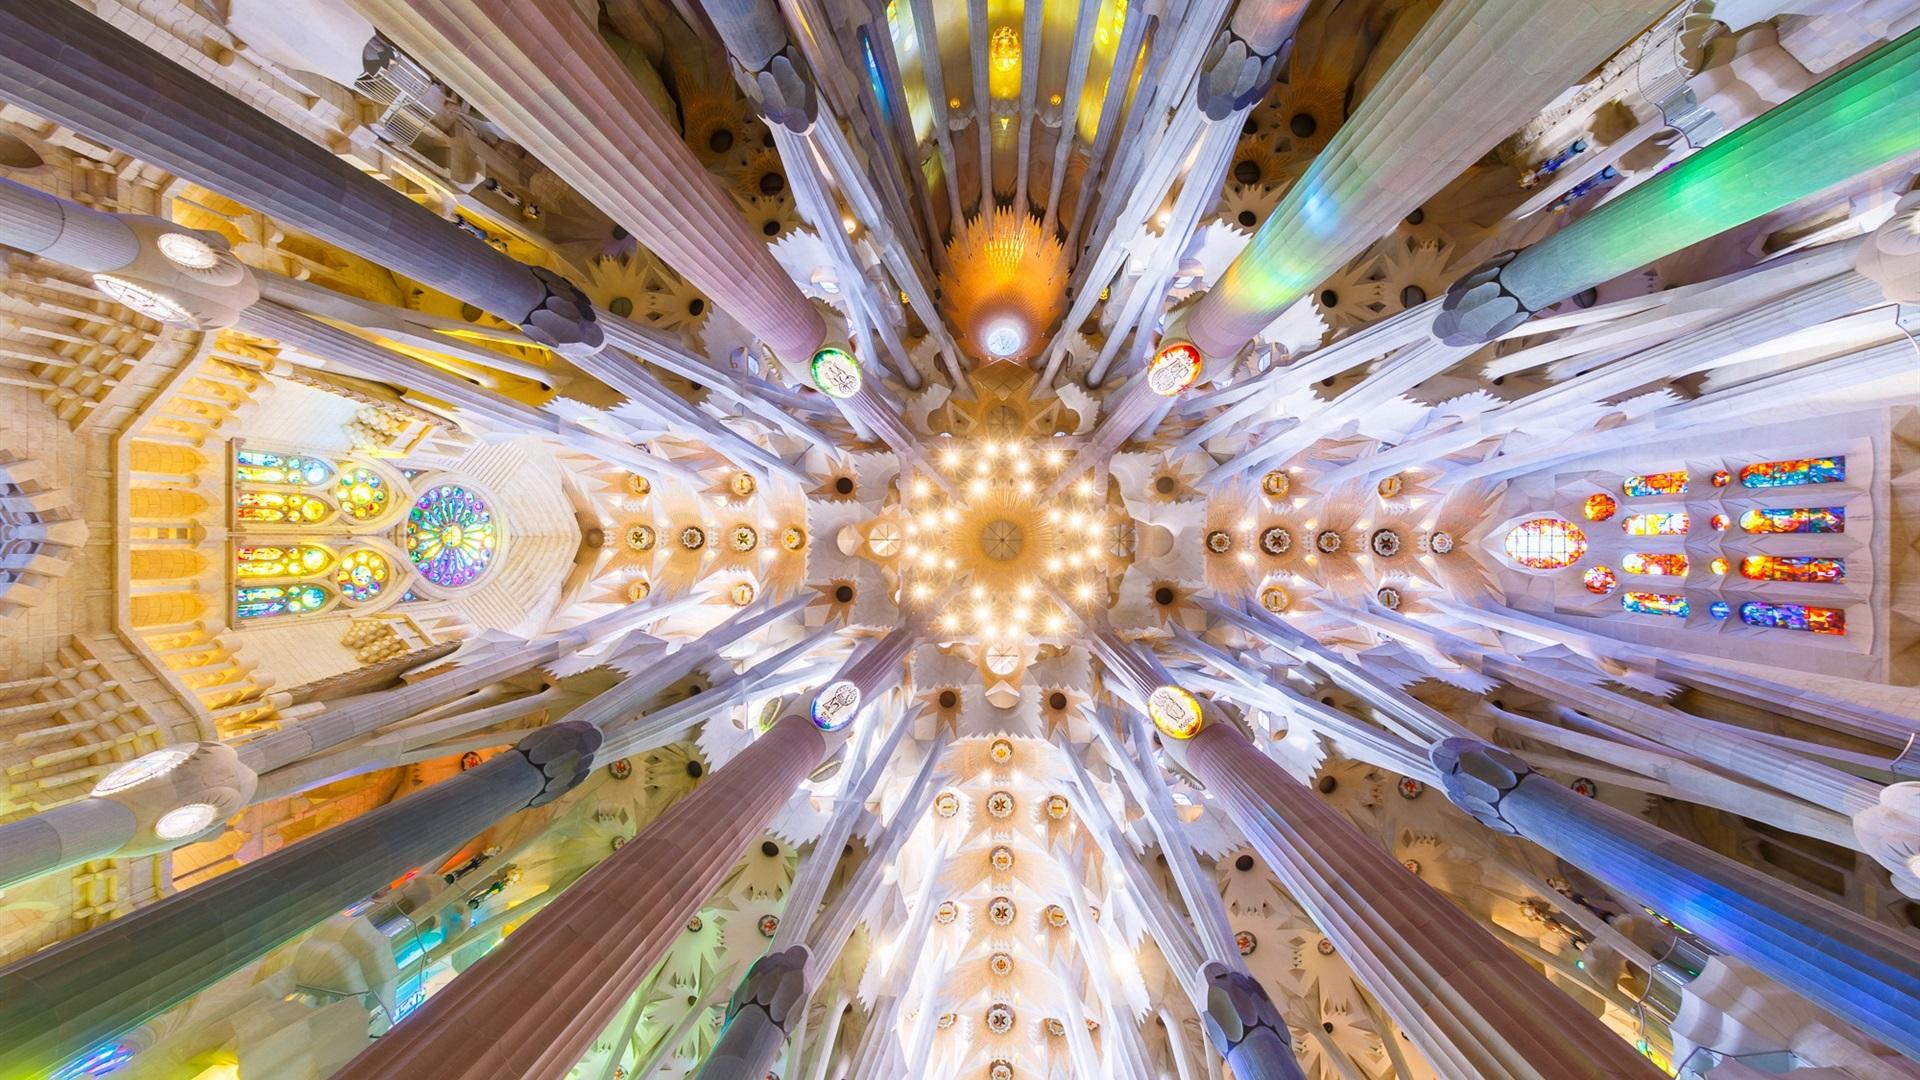 壁紙 スペイン バルセロナ サグラダファミリア 下から見る 19x10 Hd 無料のデスクトップの背景 画像